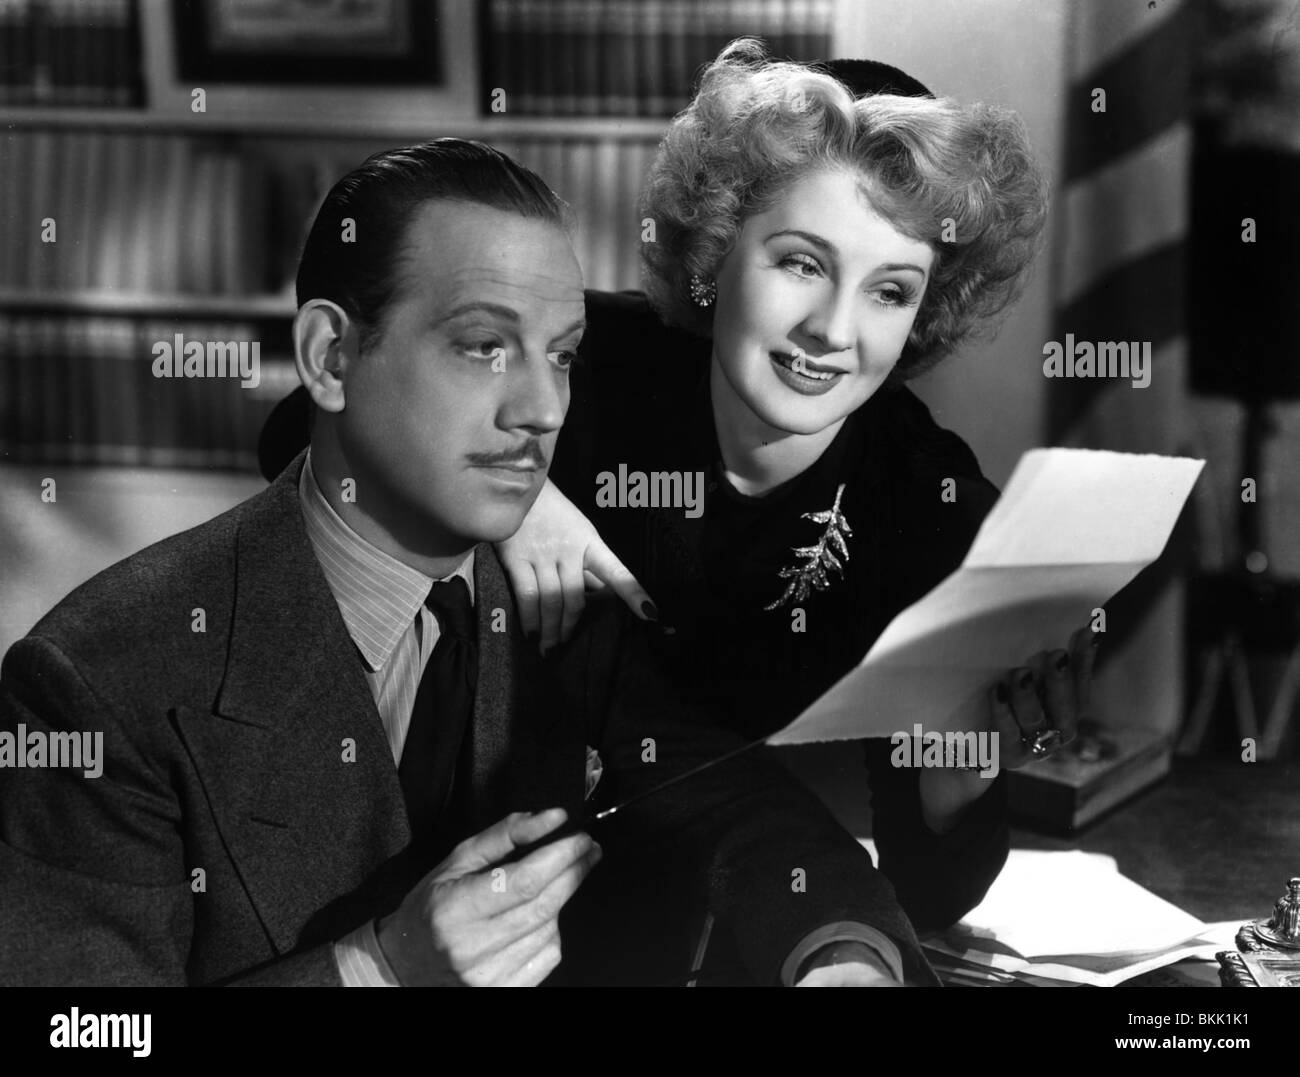 WE WERE DANCING (1942) MELVYN DOUGLAS, NORMA SHEARER WWDG 001P - Stock Image